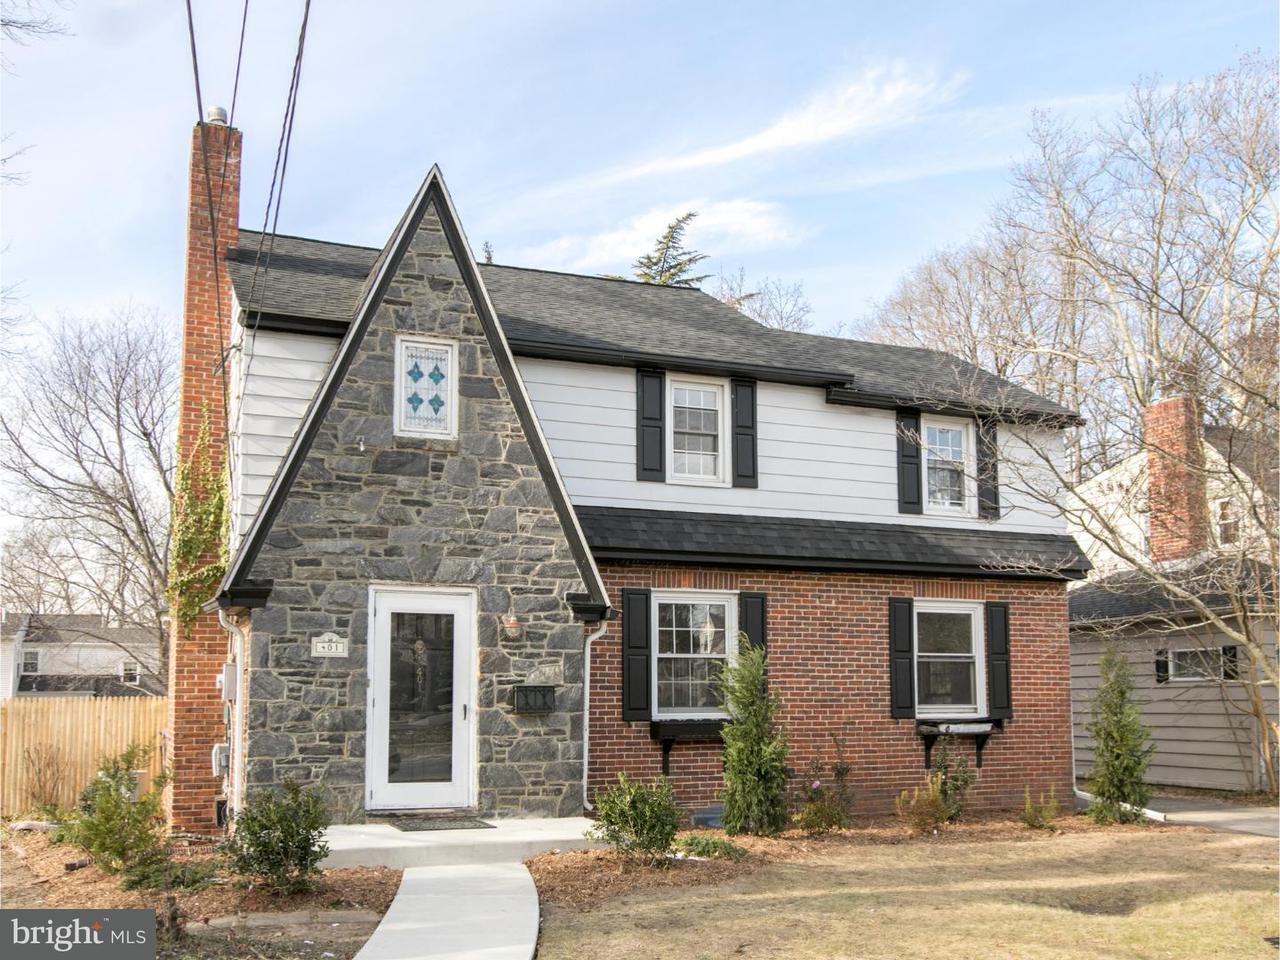 Частный односемейный дом для того Продажа на 401 STRAWBRIDGE Avenue Haddon Township, Нью-Джерси 08108 Соединенные Штаты